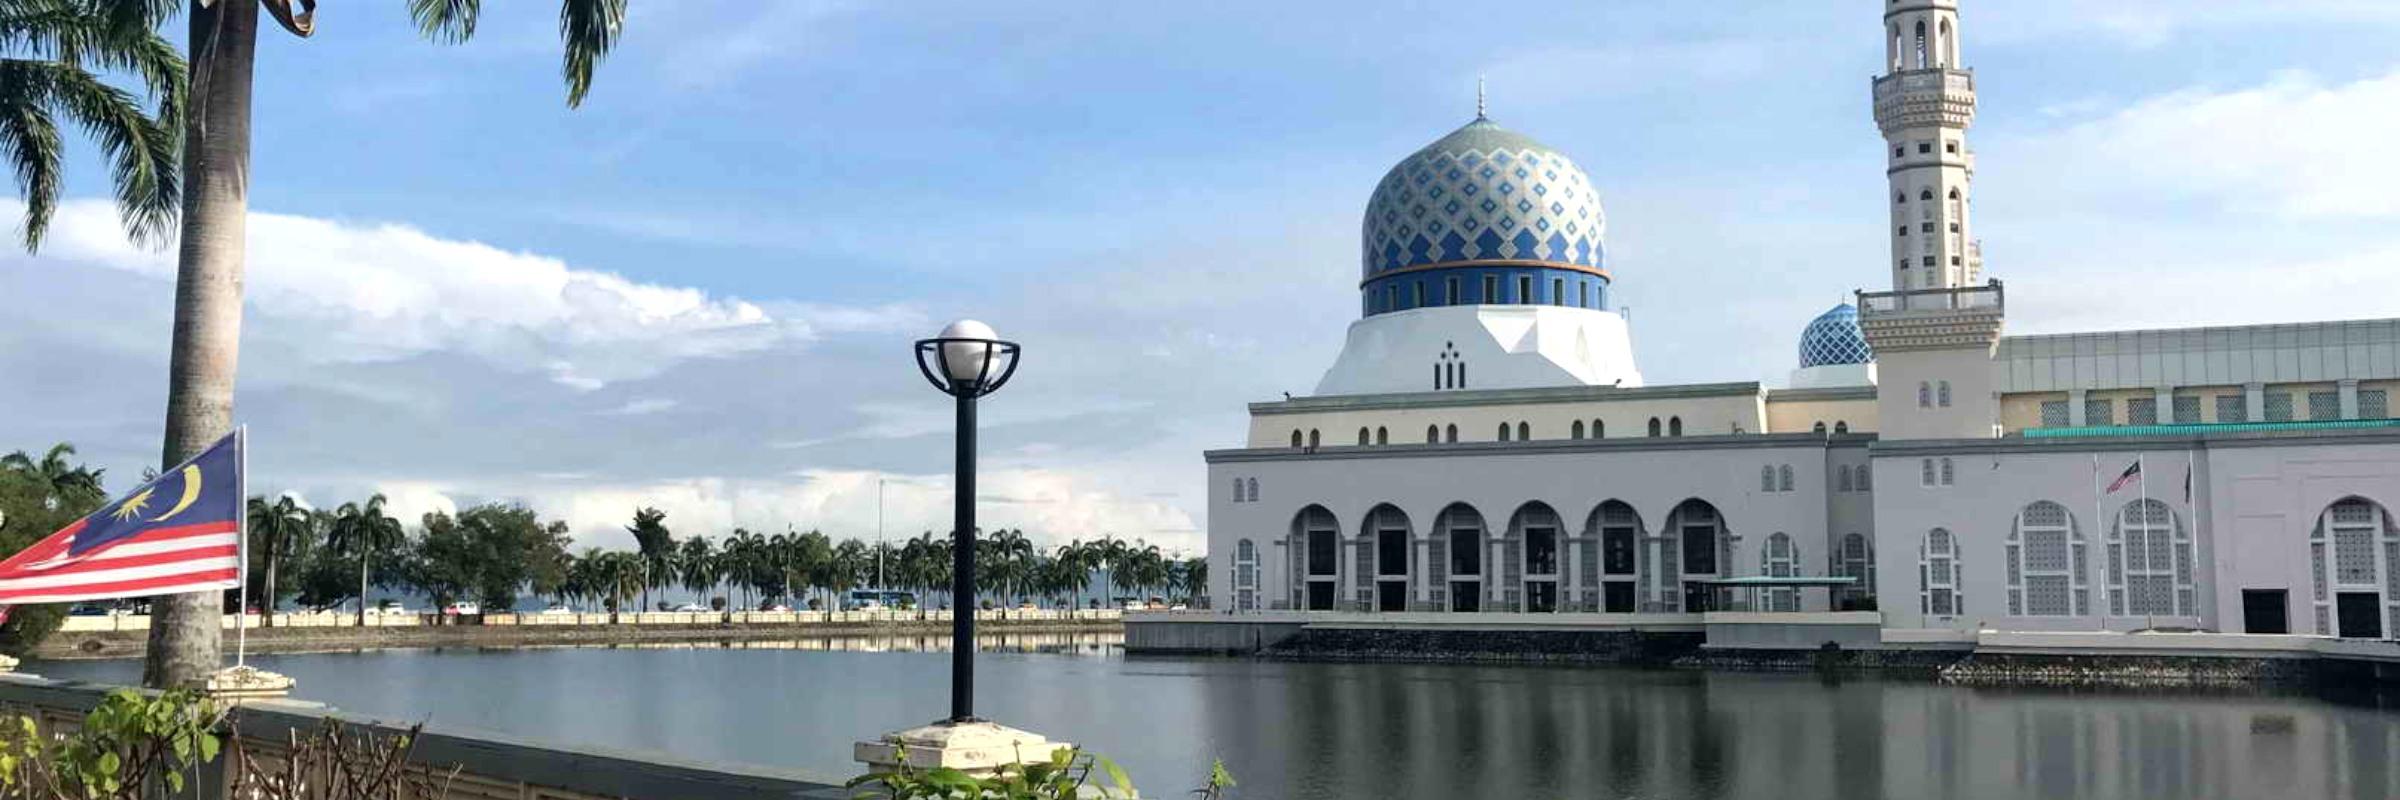 Kuching ist die Hauptstadt des malayischen Bundesstaates Sarawak und die größte Stadt auf Borneo.